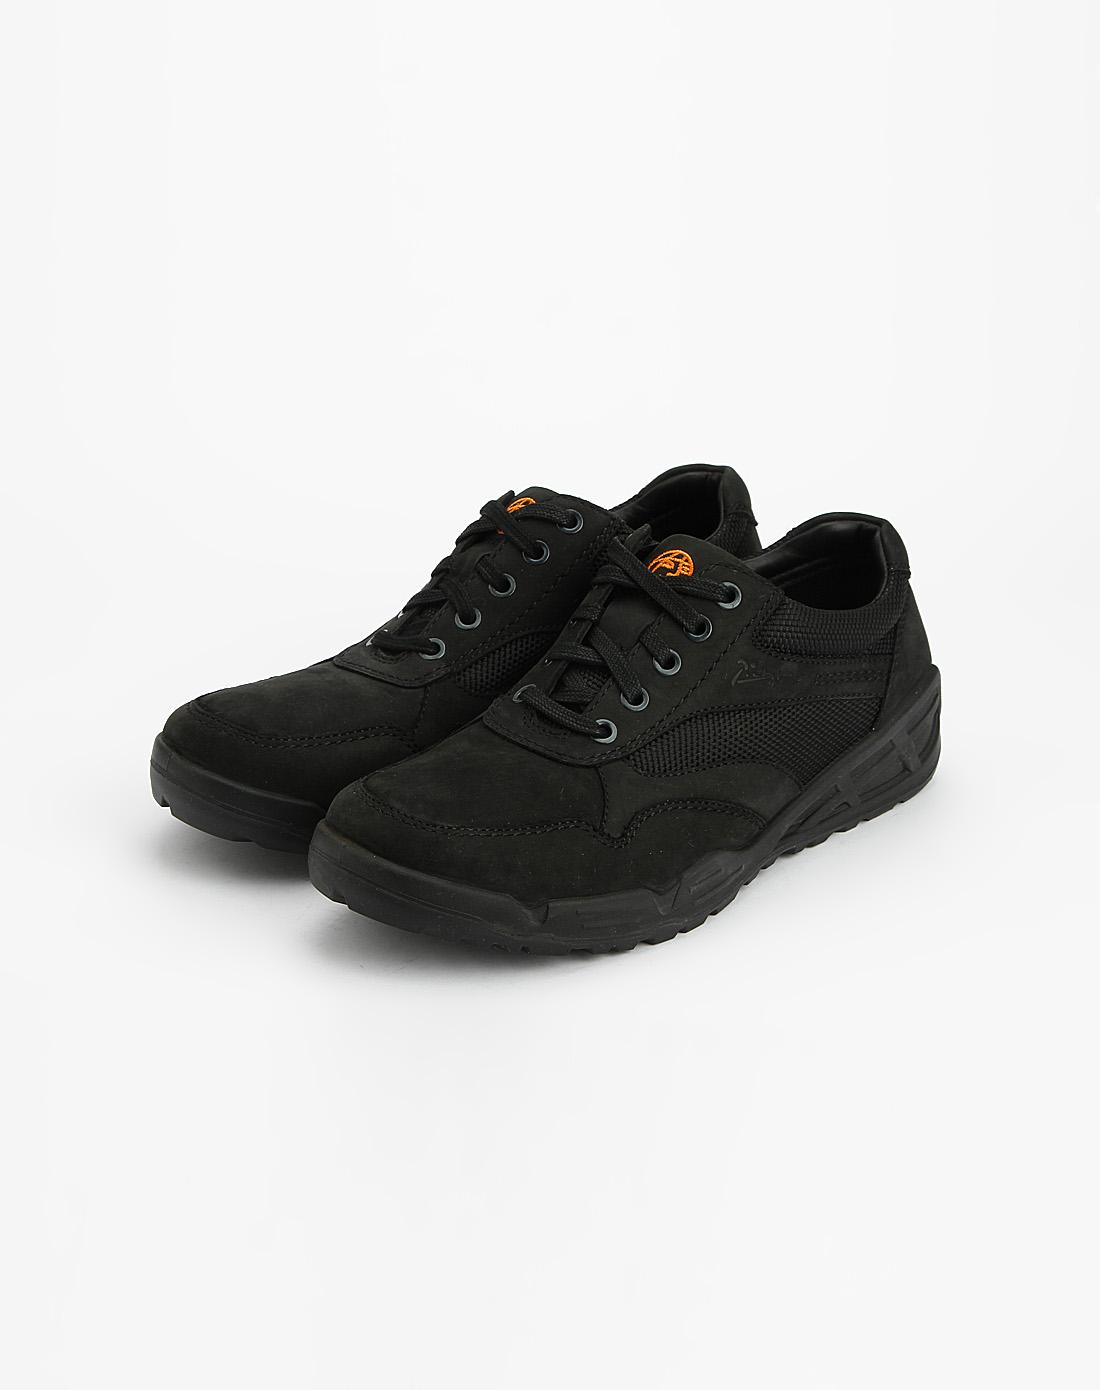 男款黑色时尚运动鞋_毕加索picasso男鞋专场